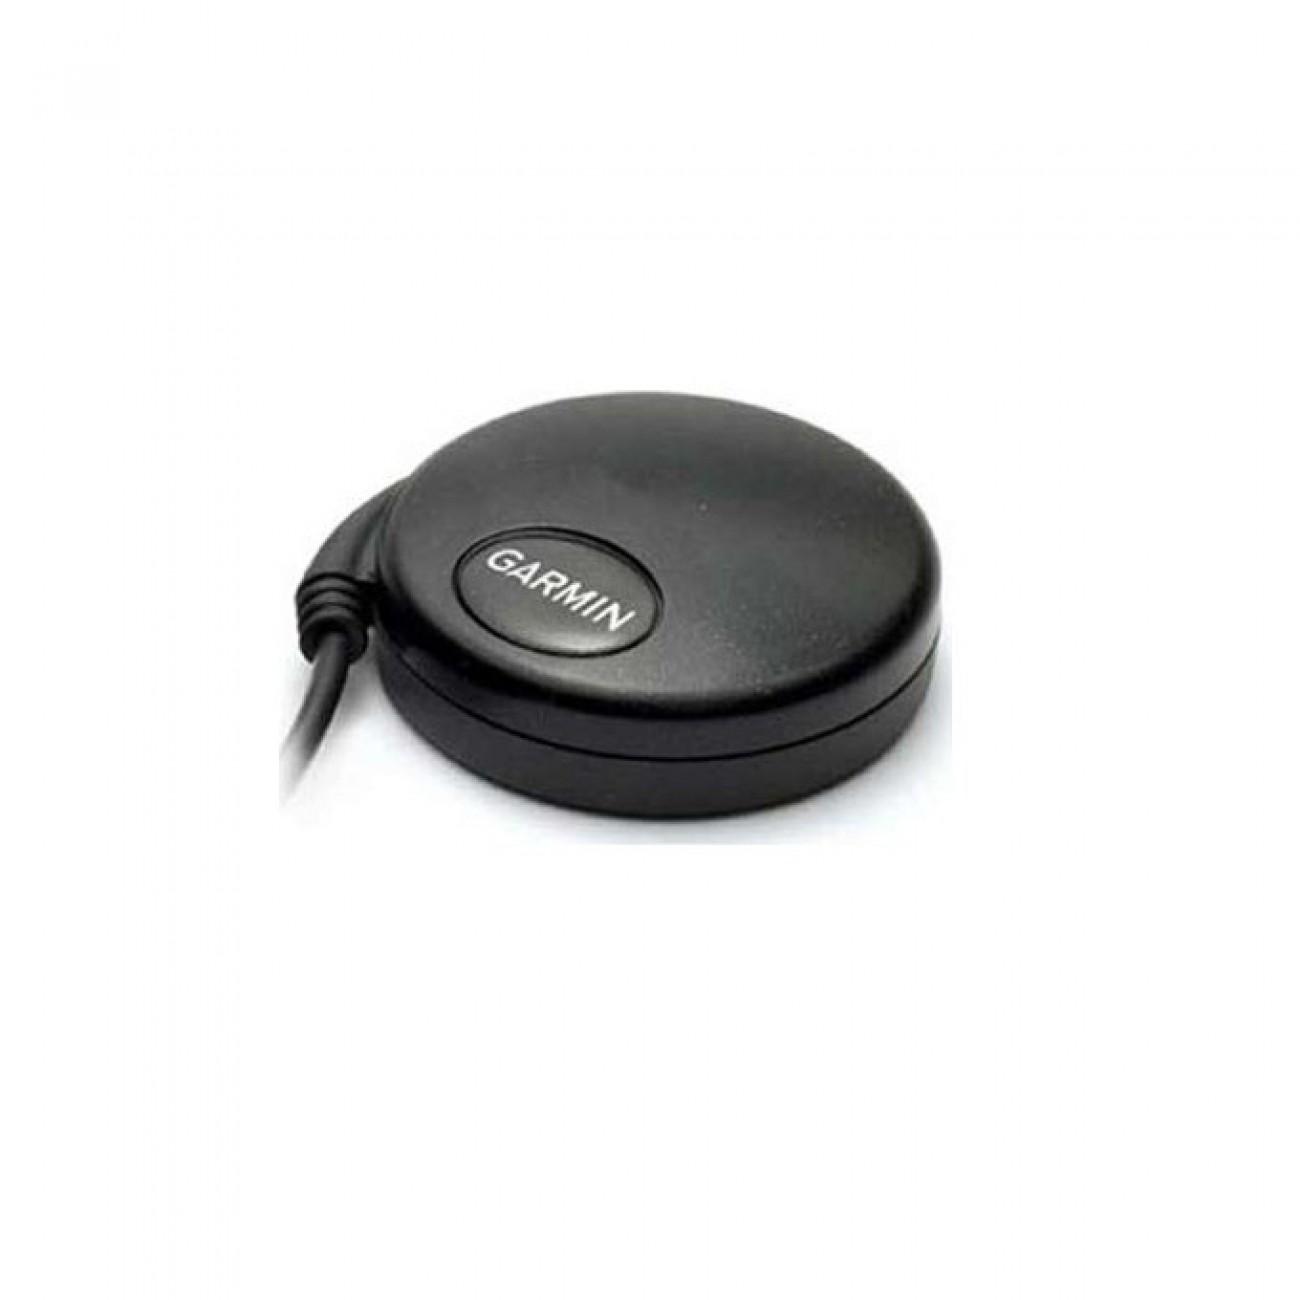 GPS приемник Garmin GPS 18x LVC, 12 канален, 55мм диаметър, за малки пространства в GPS Приемник -  | Alleop